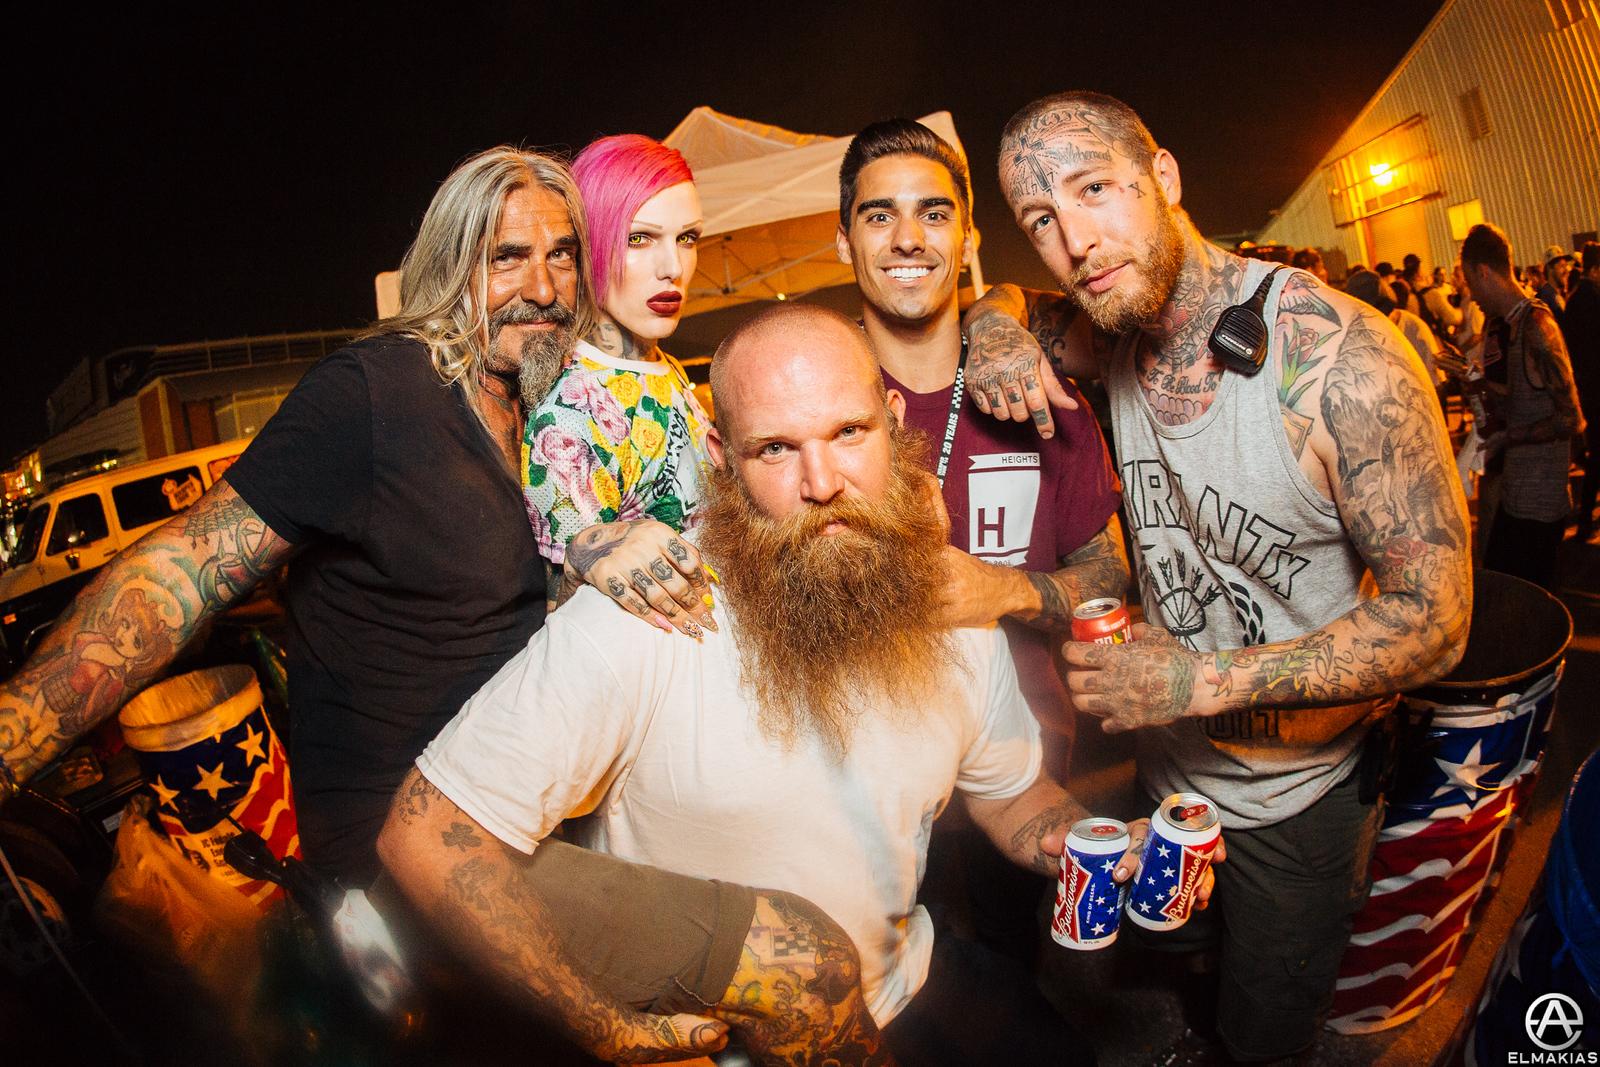 Warped Tour homies